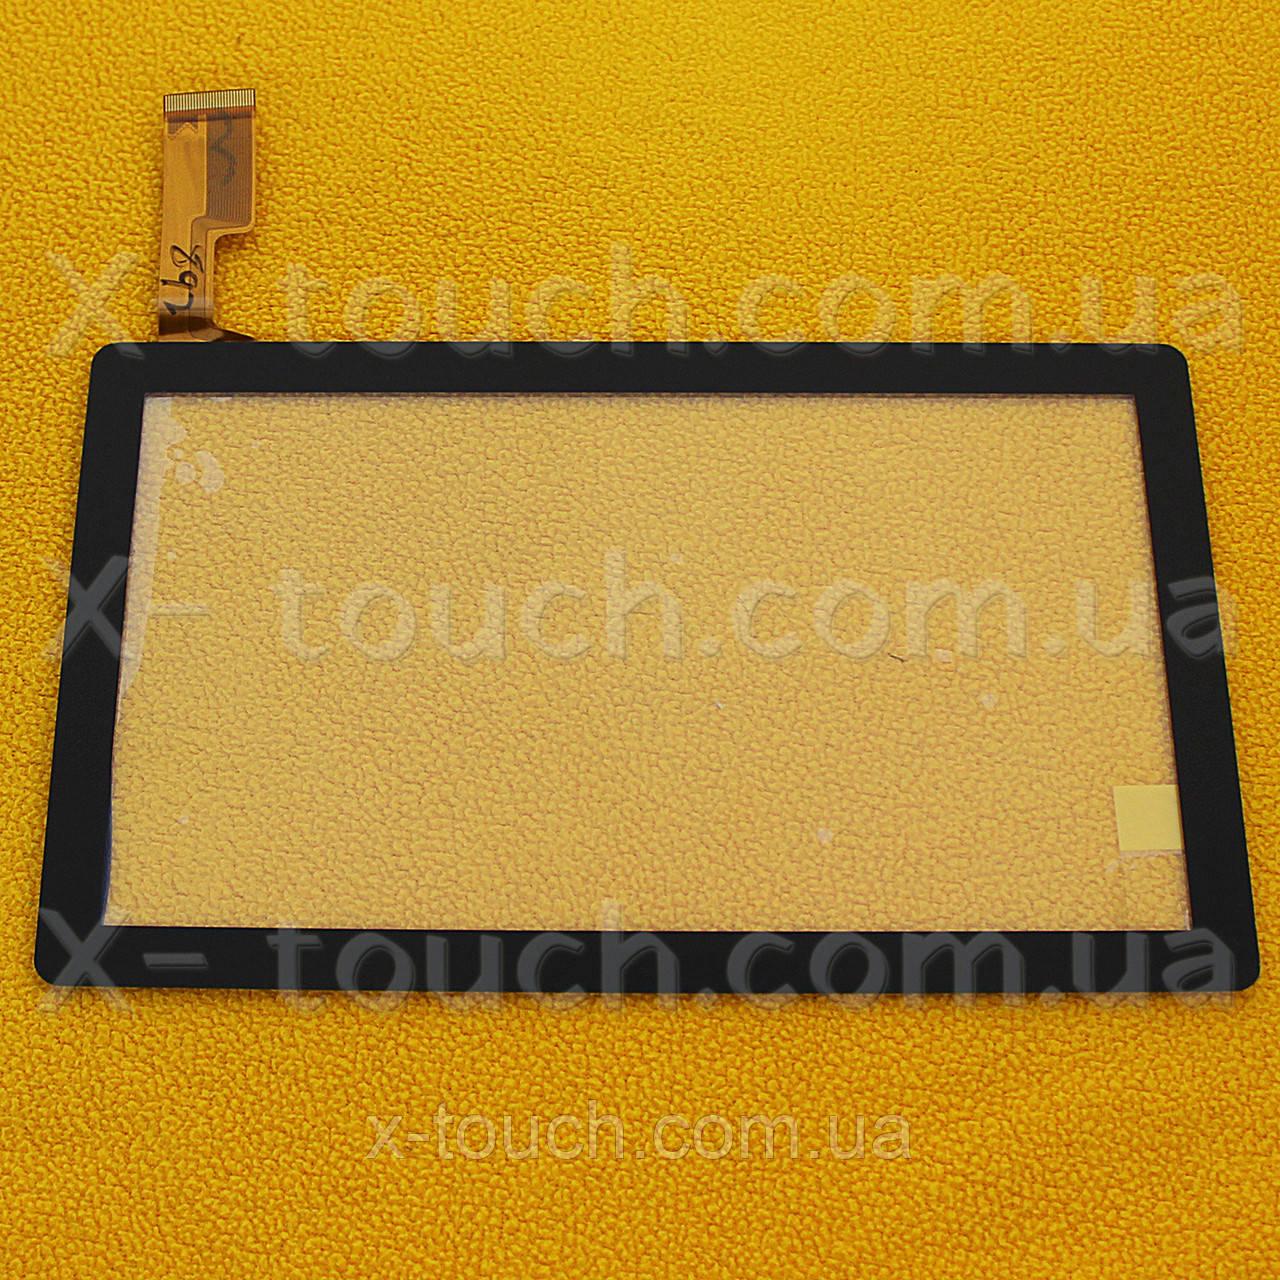 Тачскрин, сенсор  XPC-Q8-2H, CT1726A-H7  для планшета